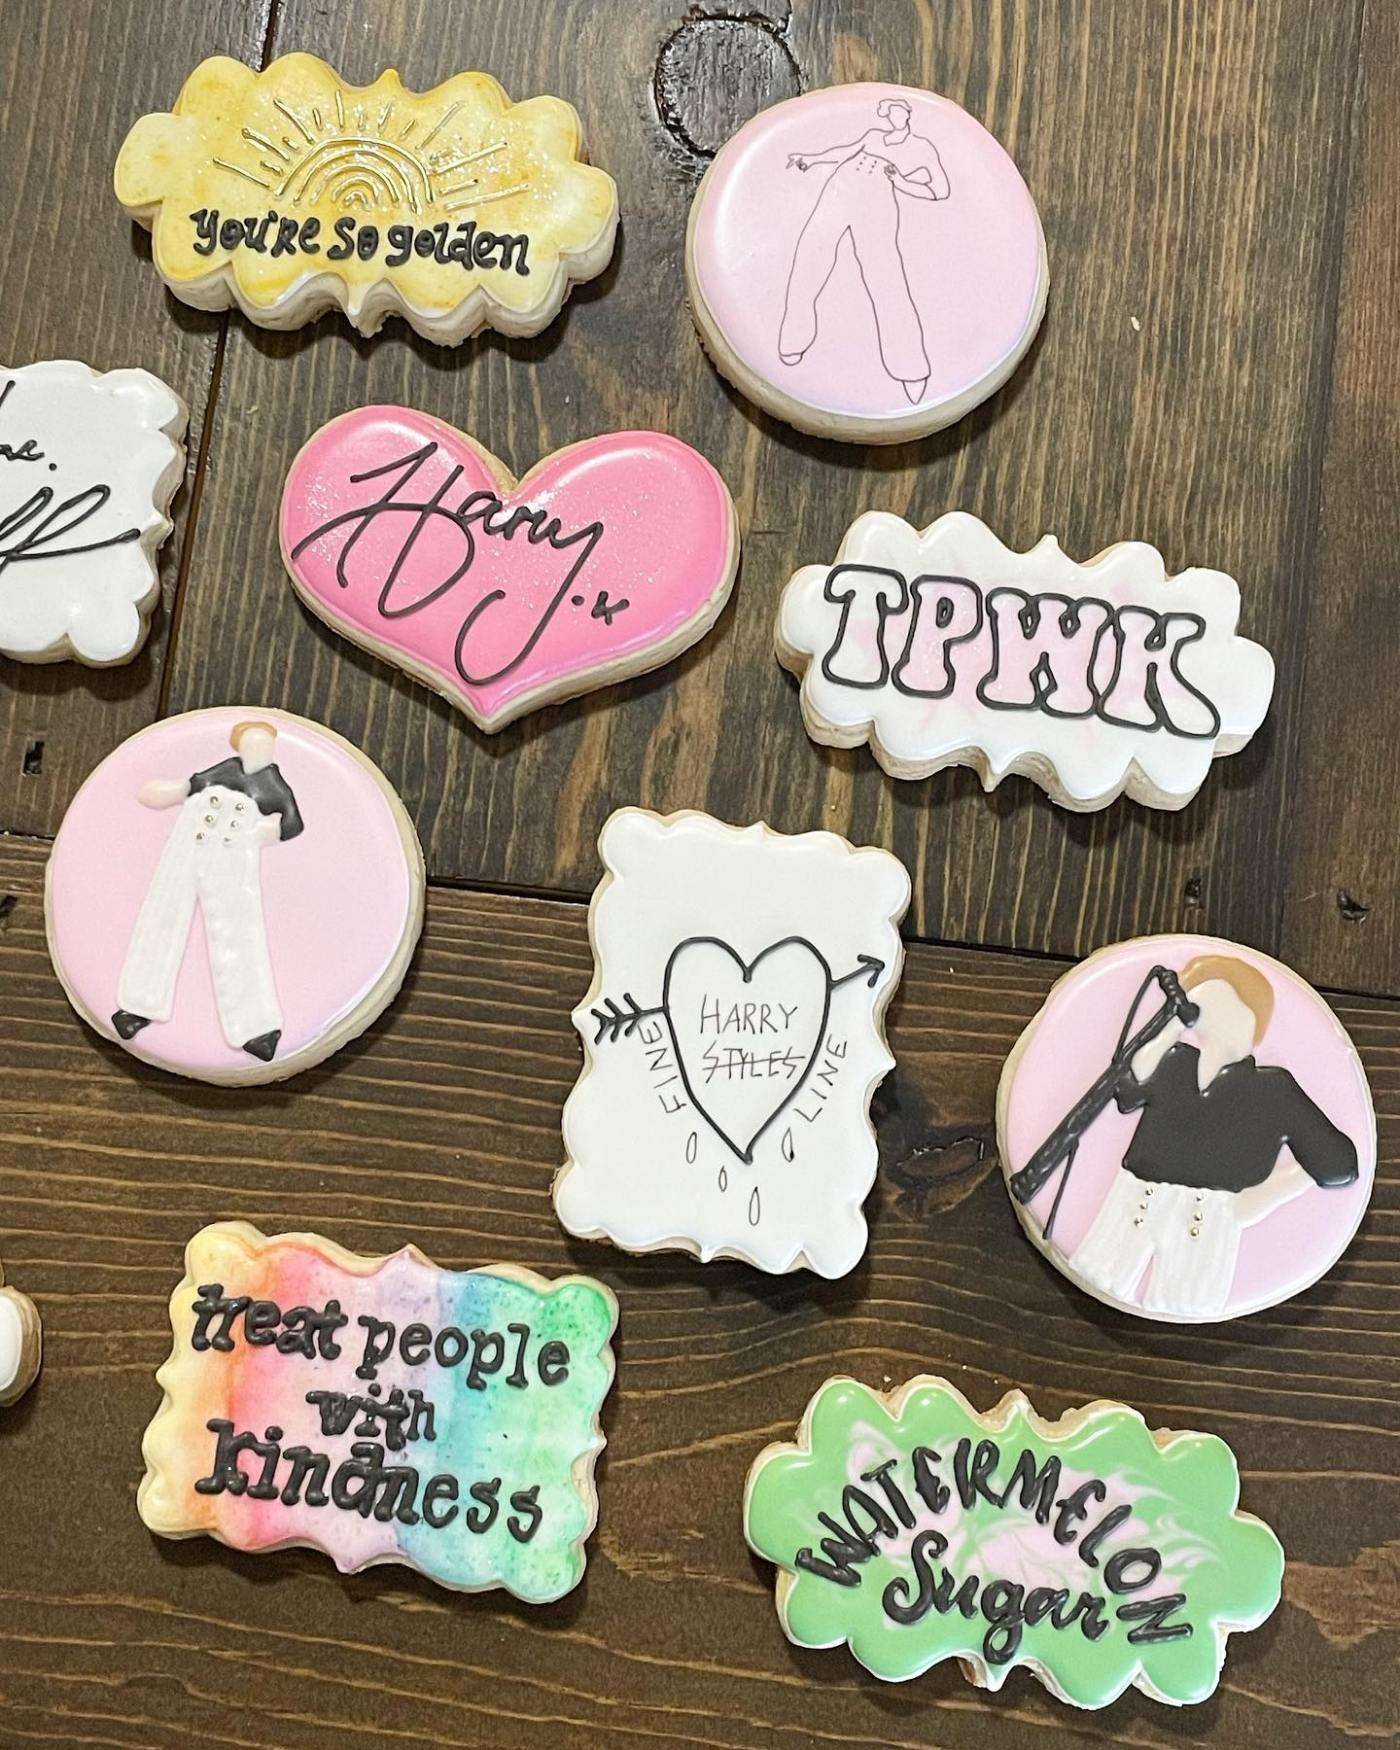 Sprinkles Cookie Company Harry Styles cookies